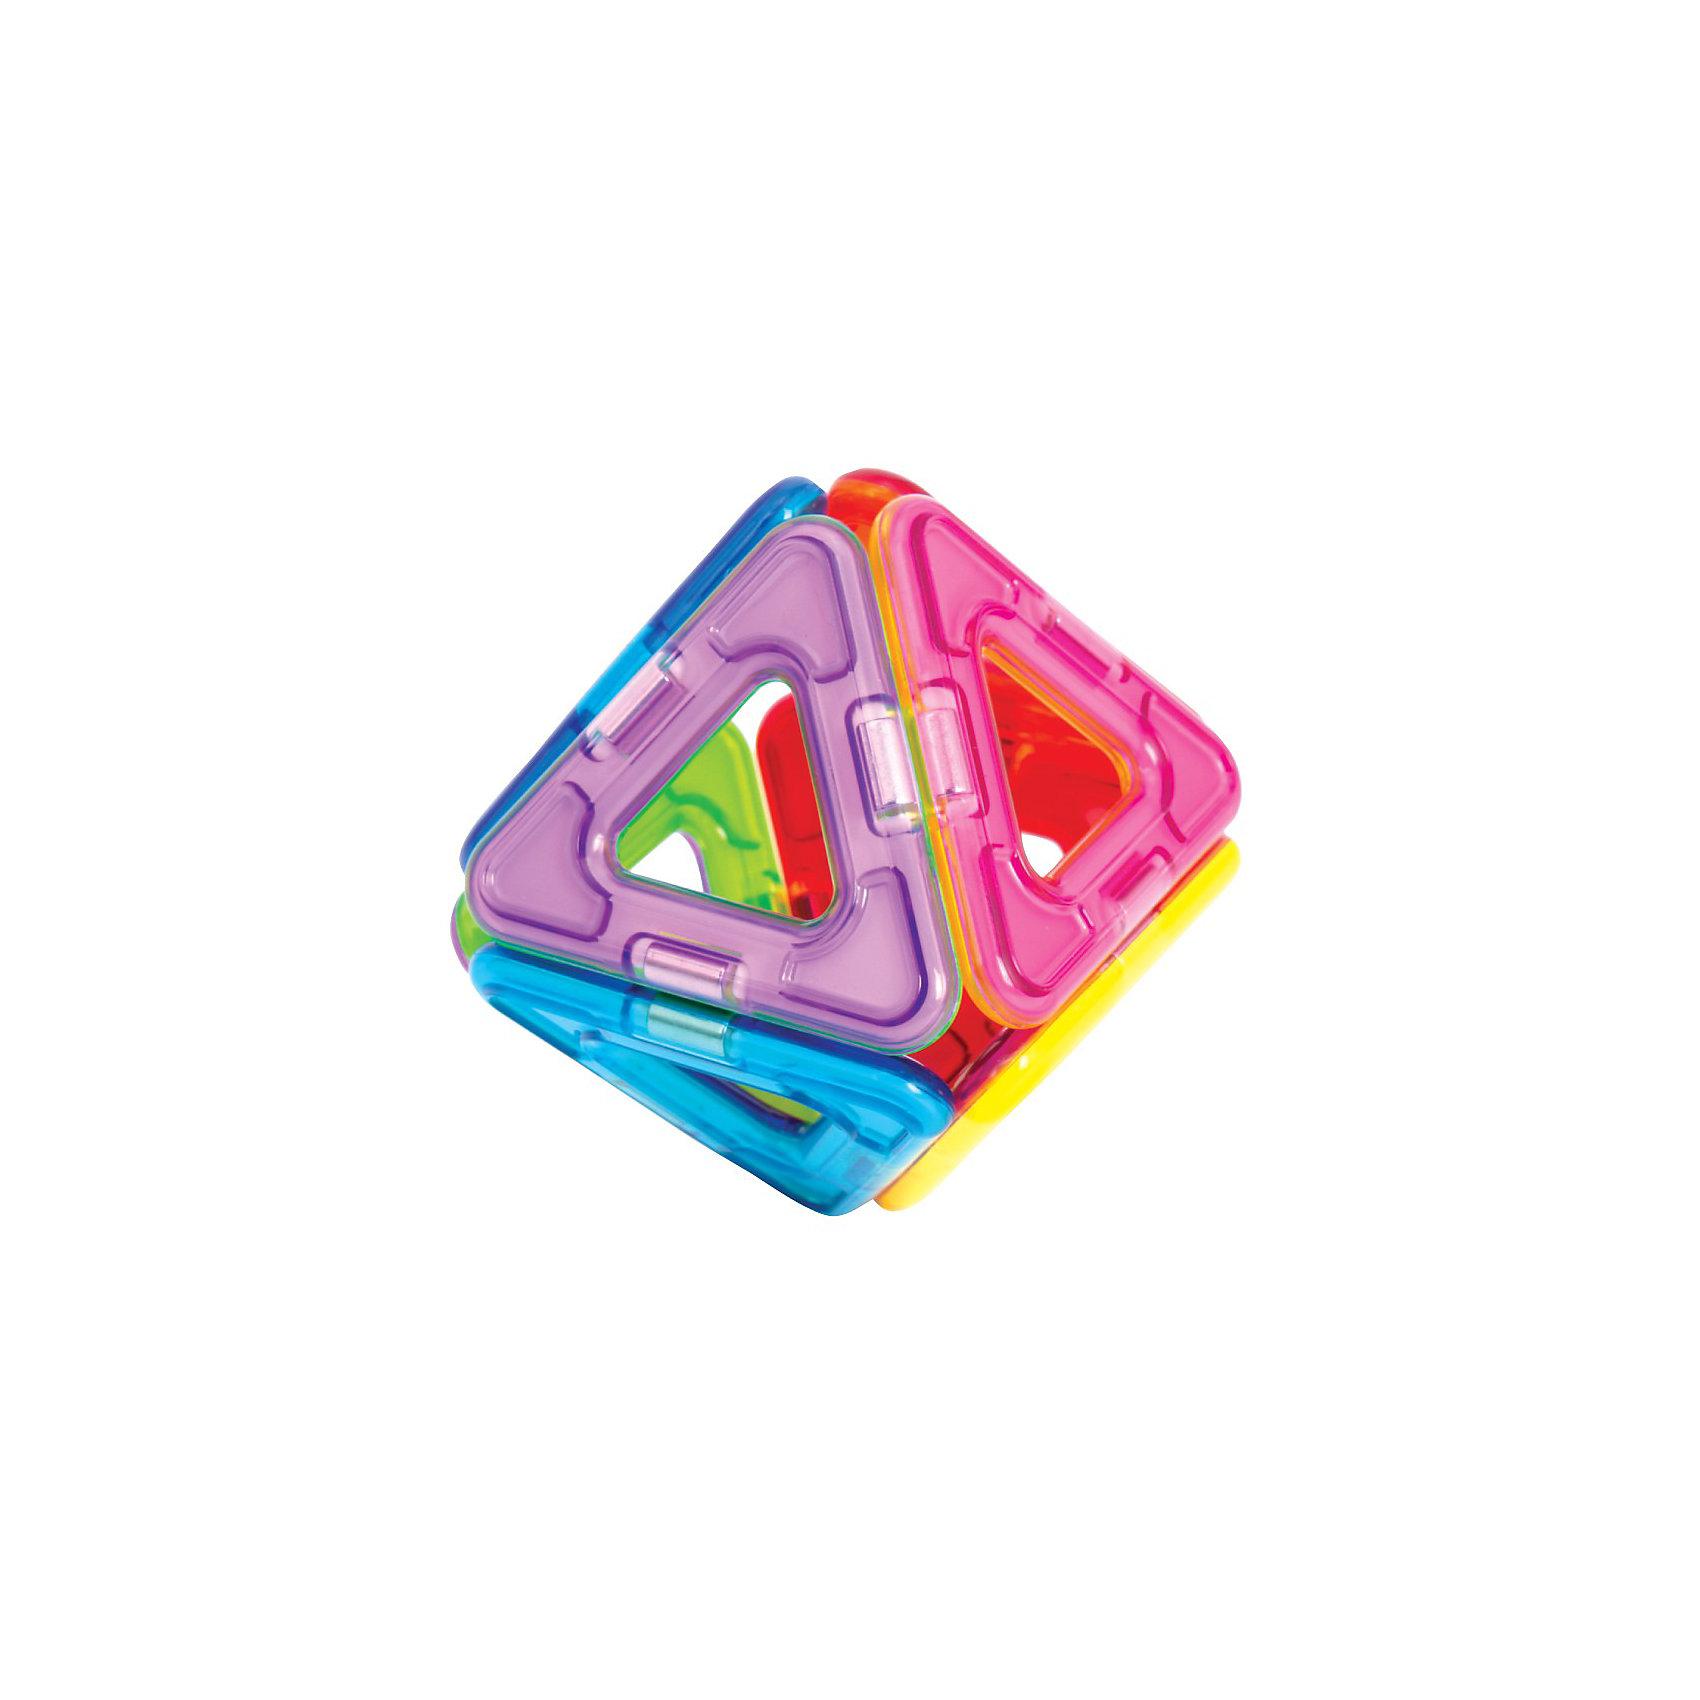 Магнитный конструктор Треугольники, 8 деталей, MAGFORMERS от myToys